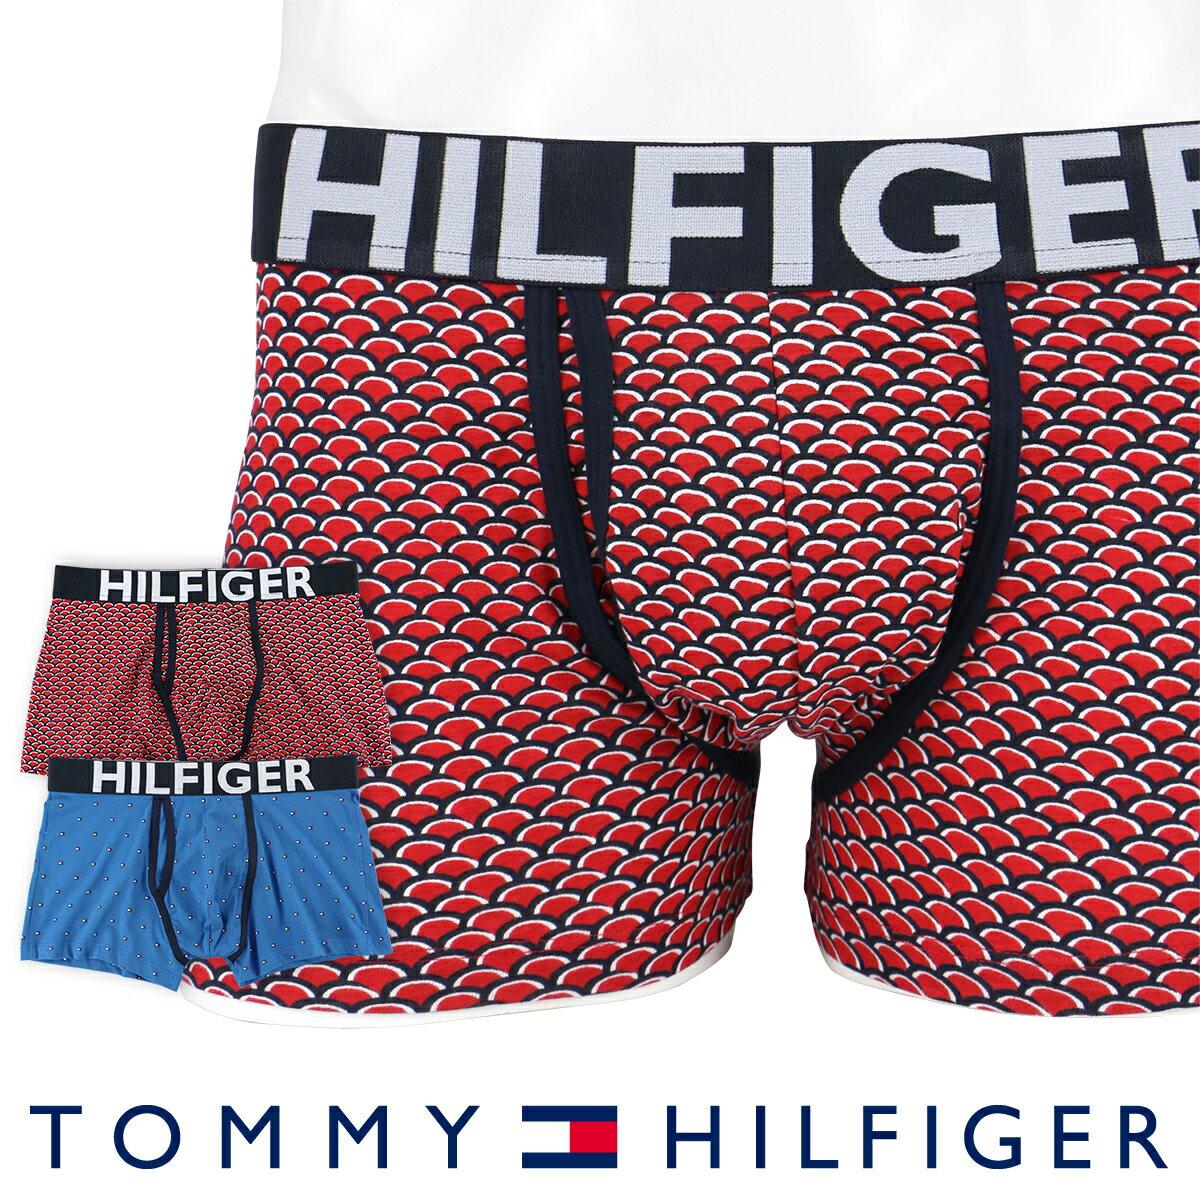 セール!50%OFFTOMMY HILFIGER トミーヒルフィガーアンダーウェア ボクサーパンツKEY HOLE TRUNK PRINTコットン ボクサーパンツ男性 メンズ プレゼント 贈答 ギフト5337-0212ポイント10倍